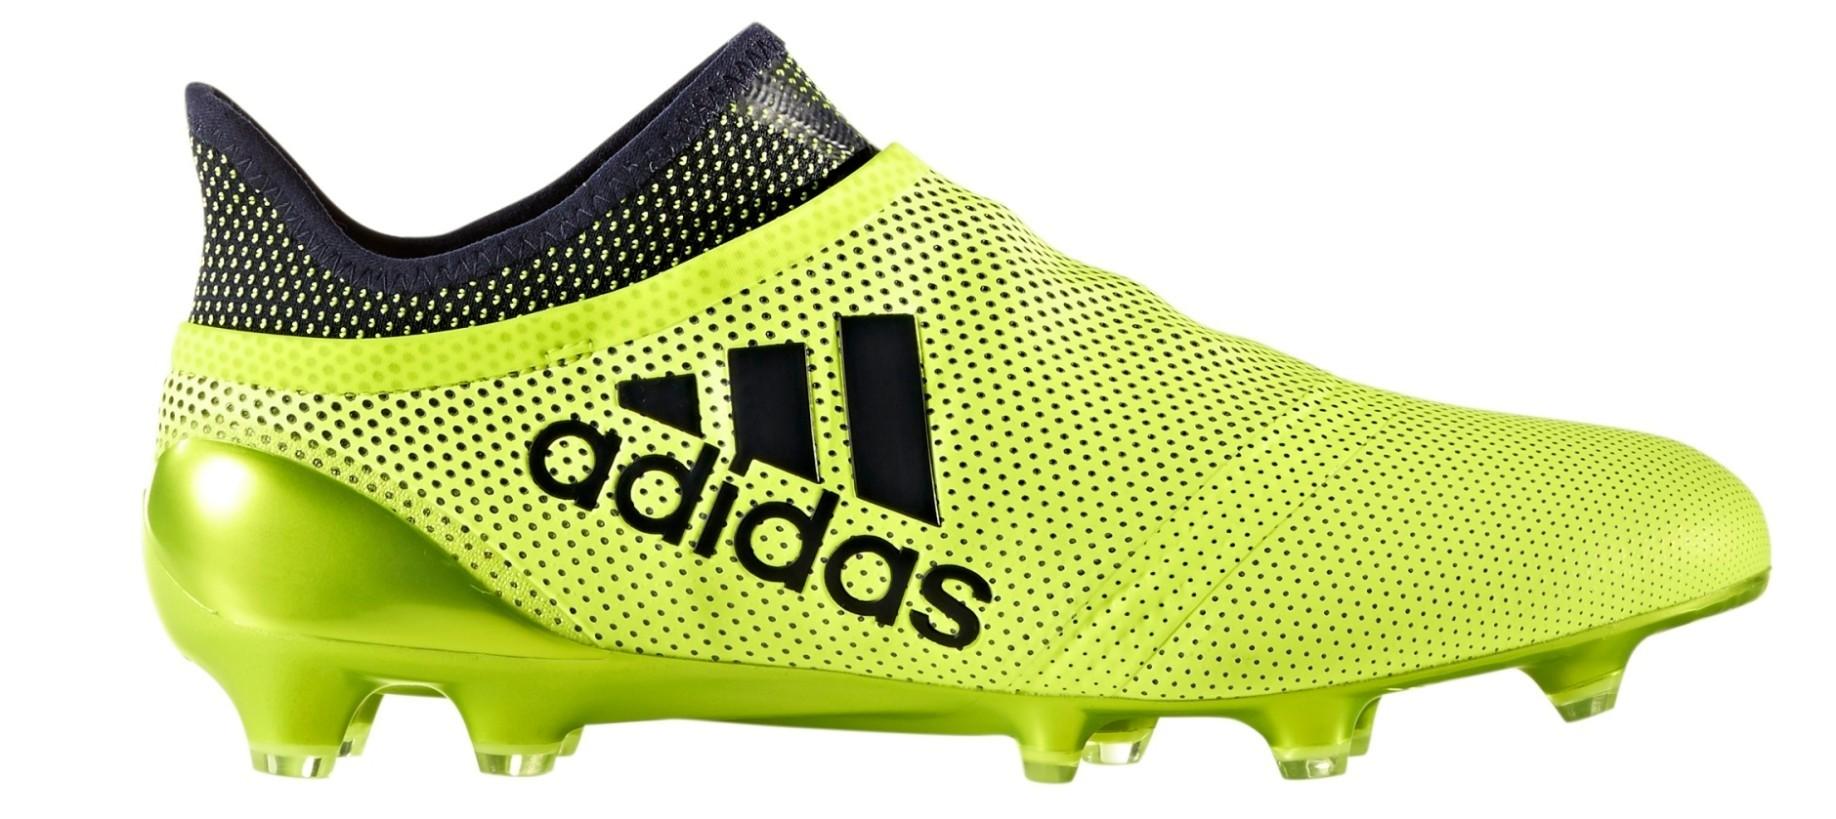 05990c62ca3f7 Acquista scarpe calcio senza lacci adidas